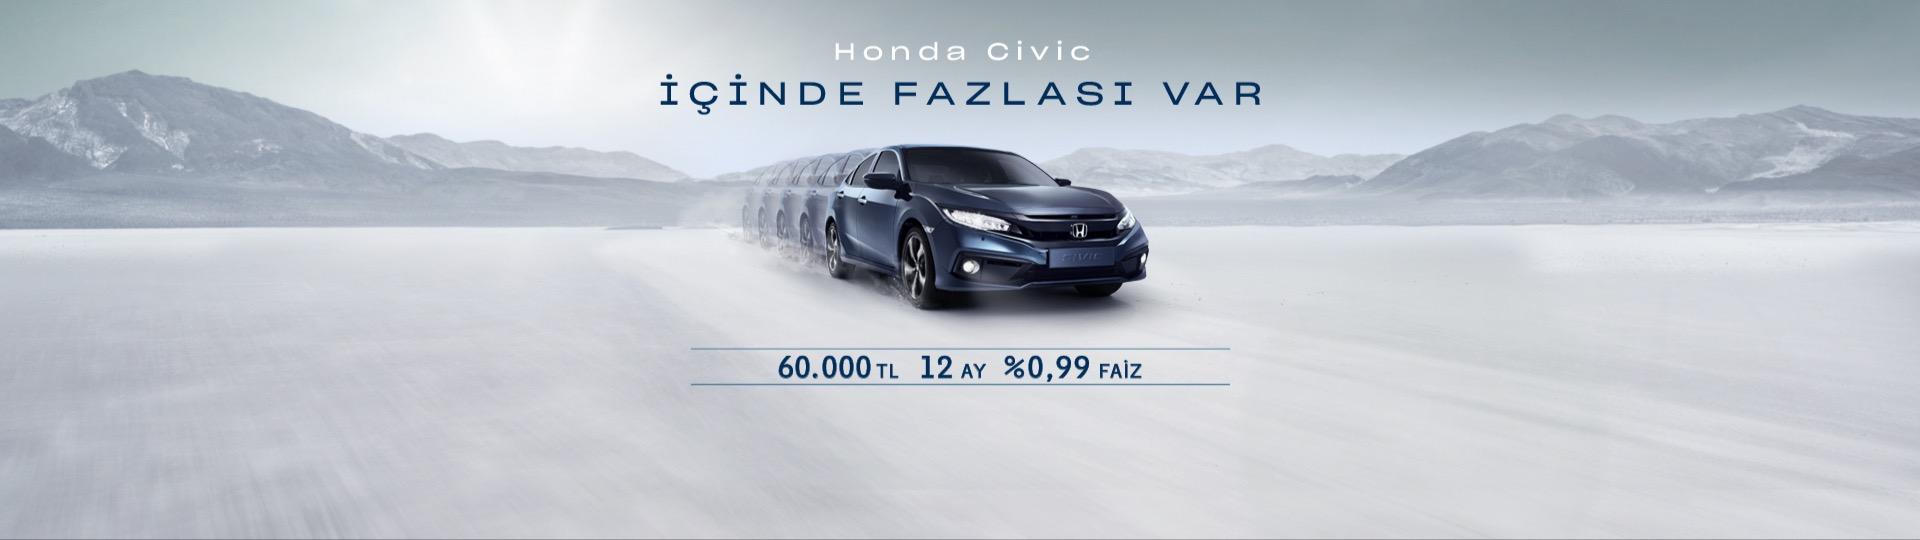 Honda Plaza  Terakki Civic Sedan Hayalinize %0.99'luk Faiz Oranıyla Sahip Olun